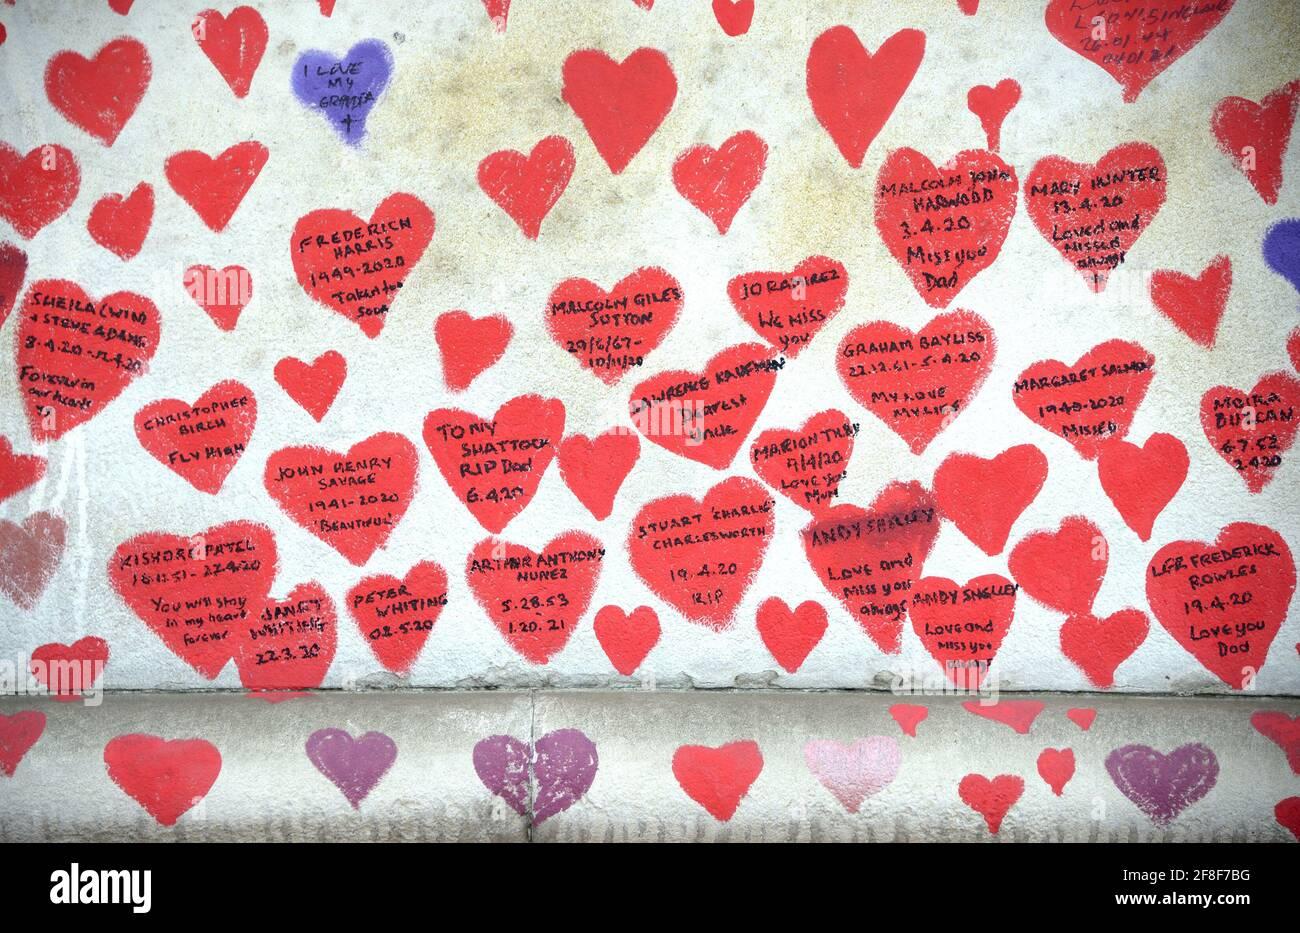 Londres, Inglaterra, Reino Unido. National Covid Memorial Wall a lo largo del terraplén del Támesis, frente a las Casas del Parlamento, c150.000 corazones que conmemoran el li Foto de stock